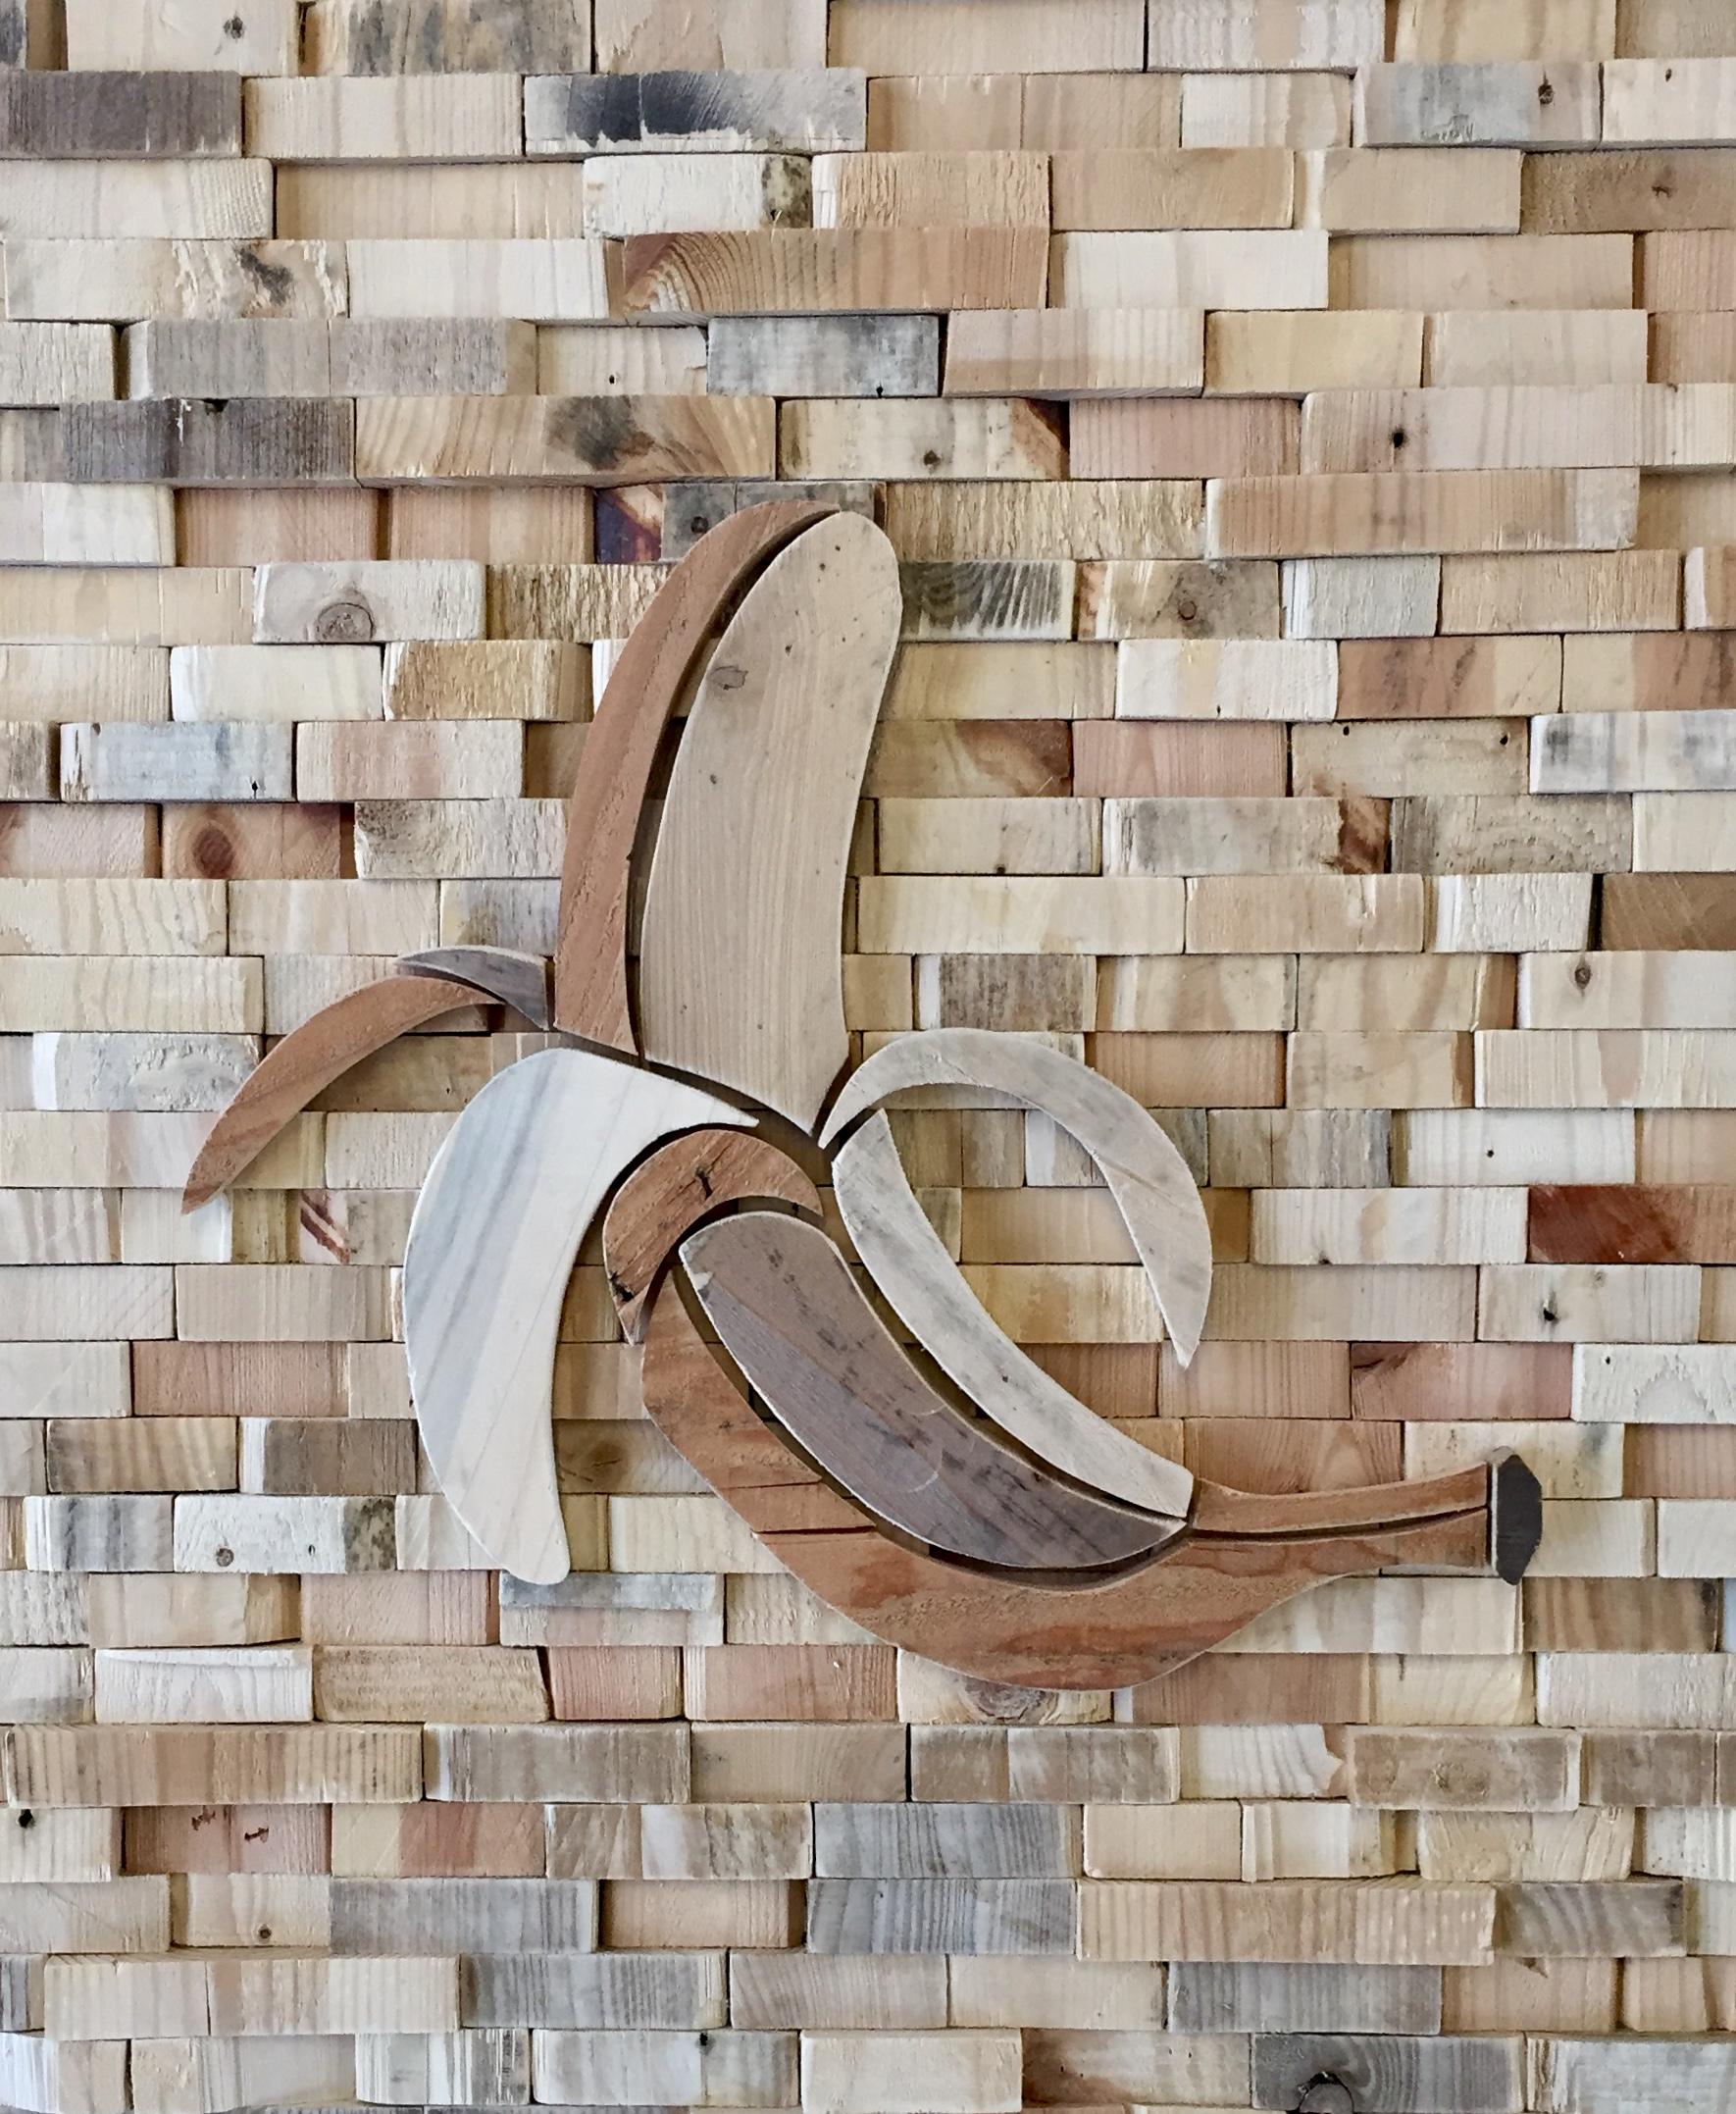 Banaan [zonder Ducttape] - 80 x 115 cm. VERKOCHT